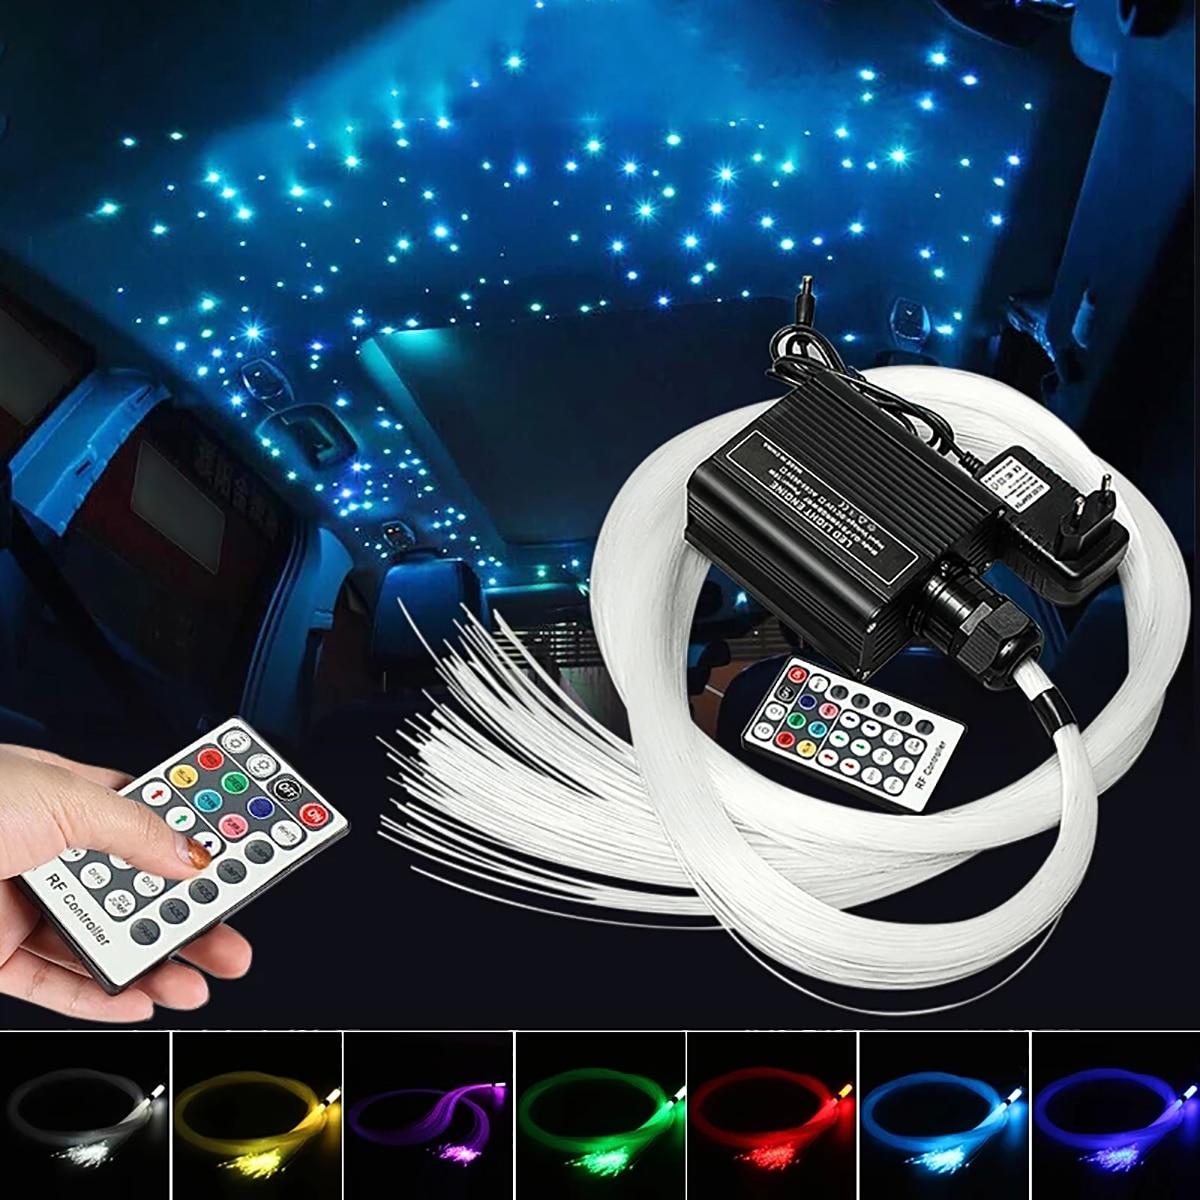 مصباح سقف LED مع جهاز تحكم عن بعد للسقف ، ألياف بصرية 16 وات ، 12 فولت ، 2 متر × 150 مللي متر ، موسيقى ، ضوء سقف السيارة ، مع كابل ، 0.75 قطعة